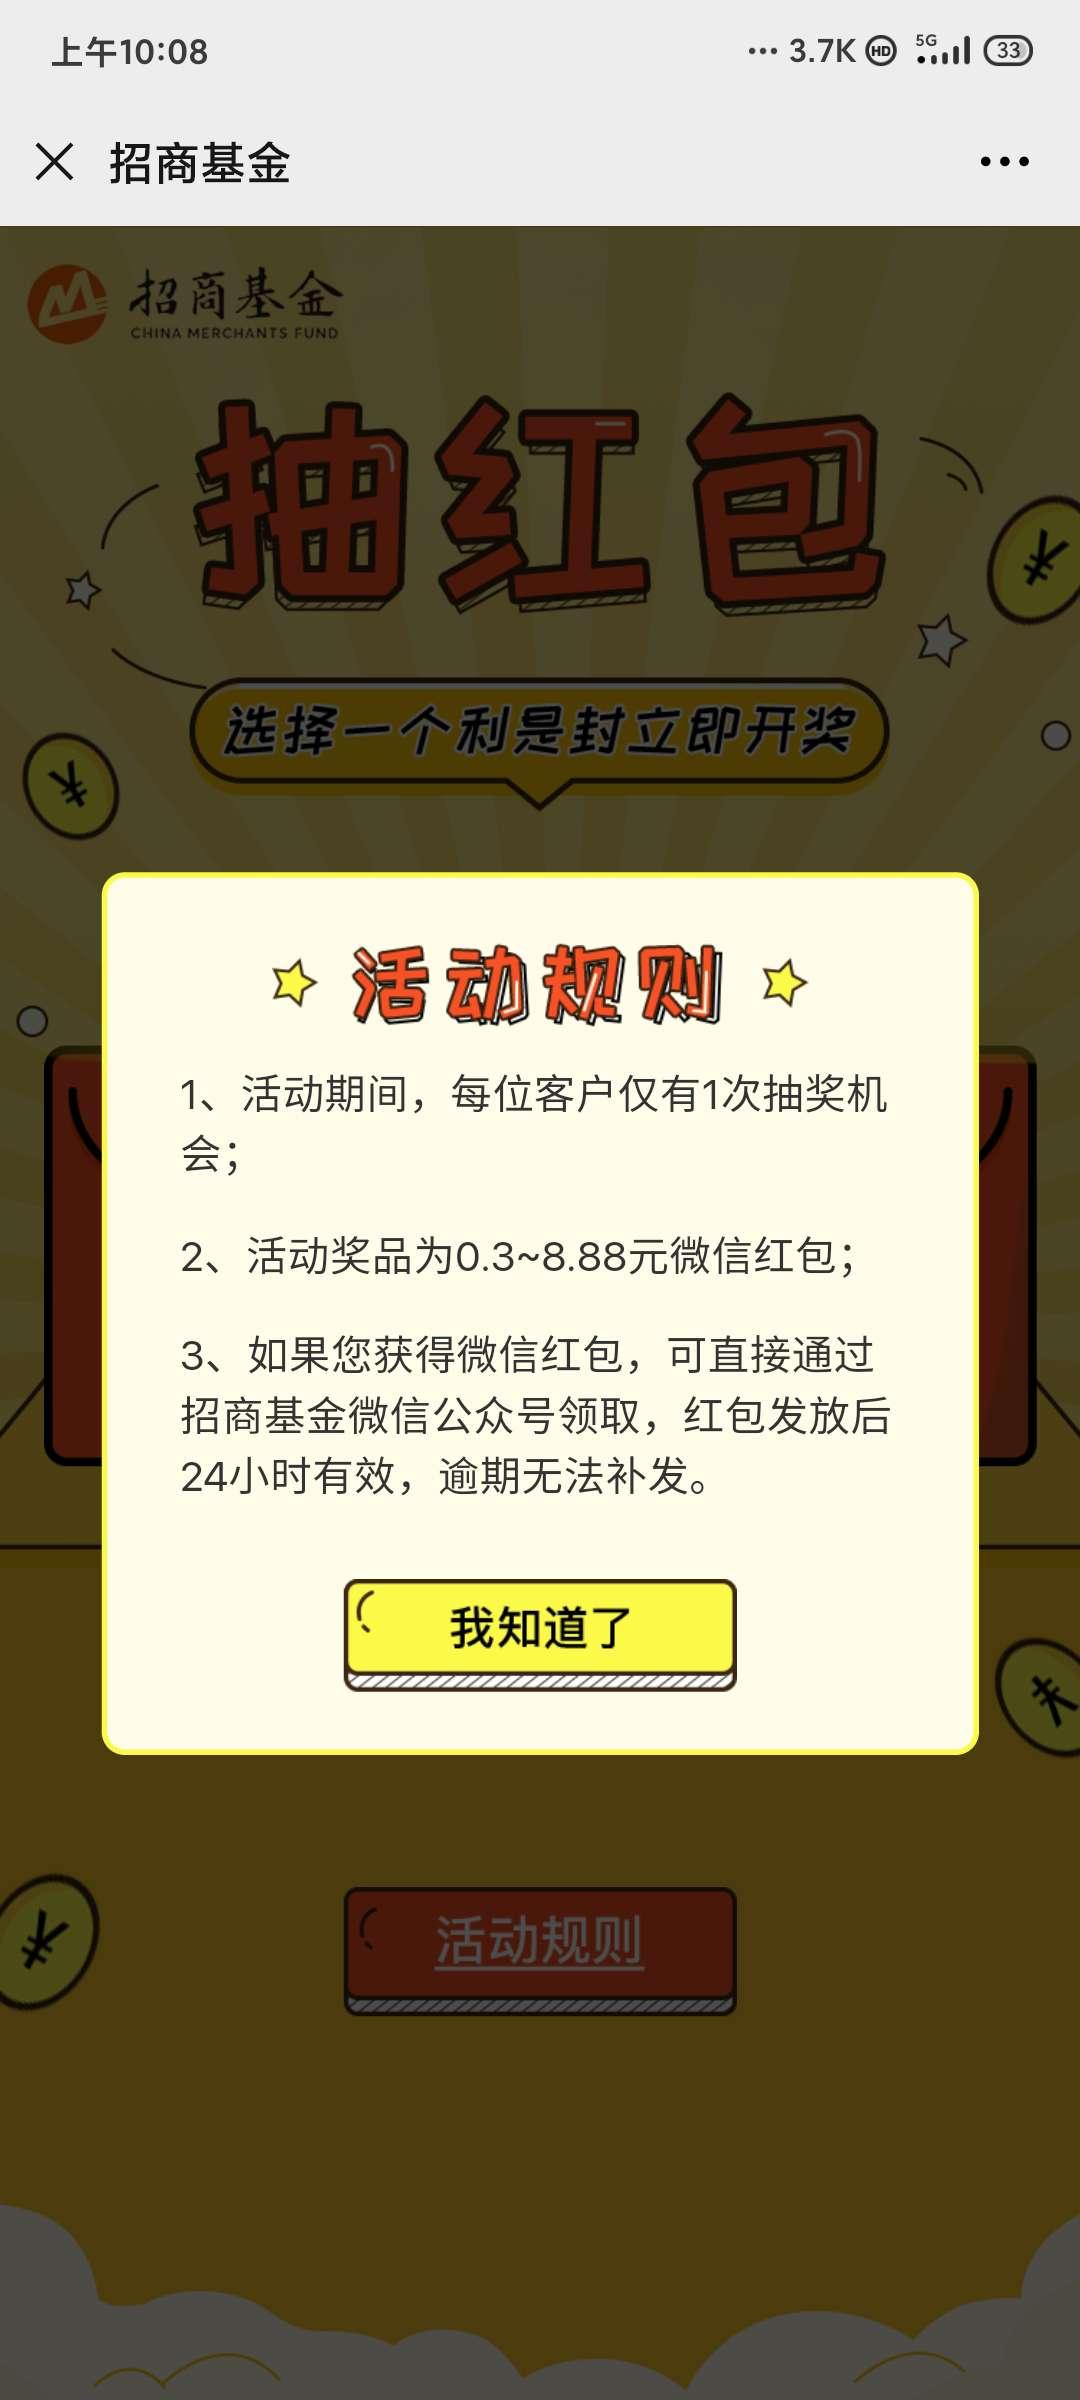 招商基金新年快乐抽红包插图3